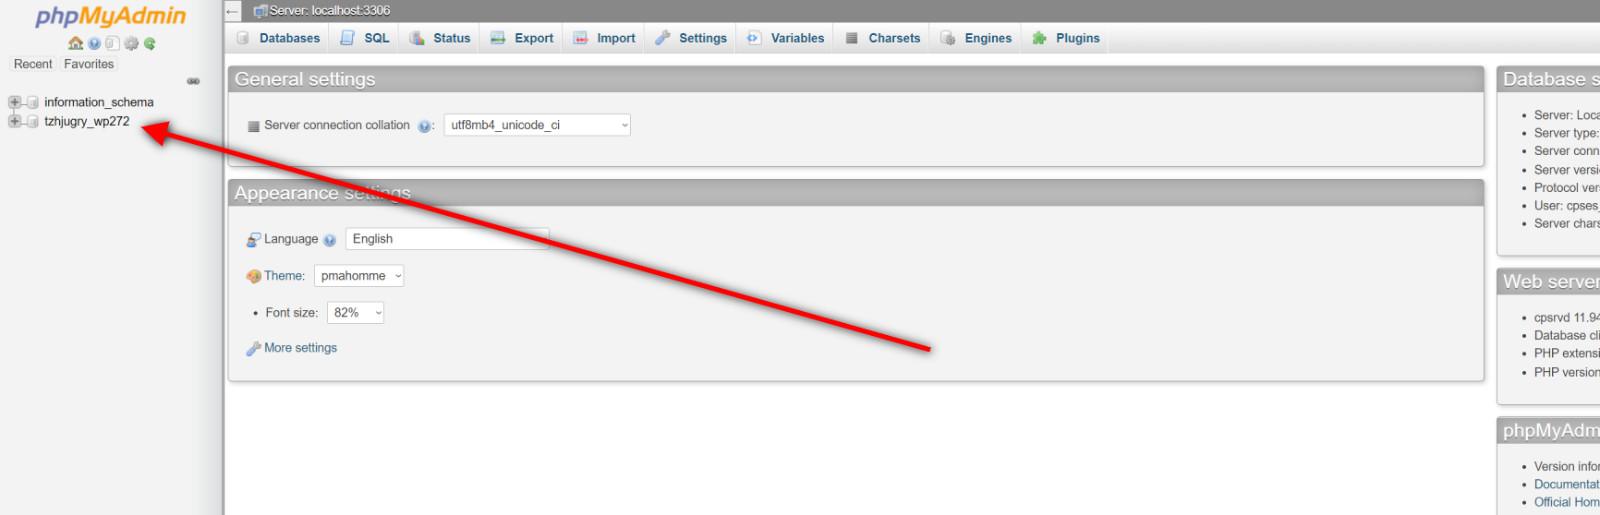 Wordpress Backup Cpanel Backup Database 2